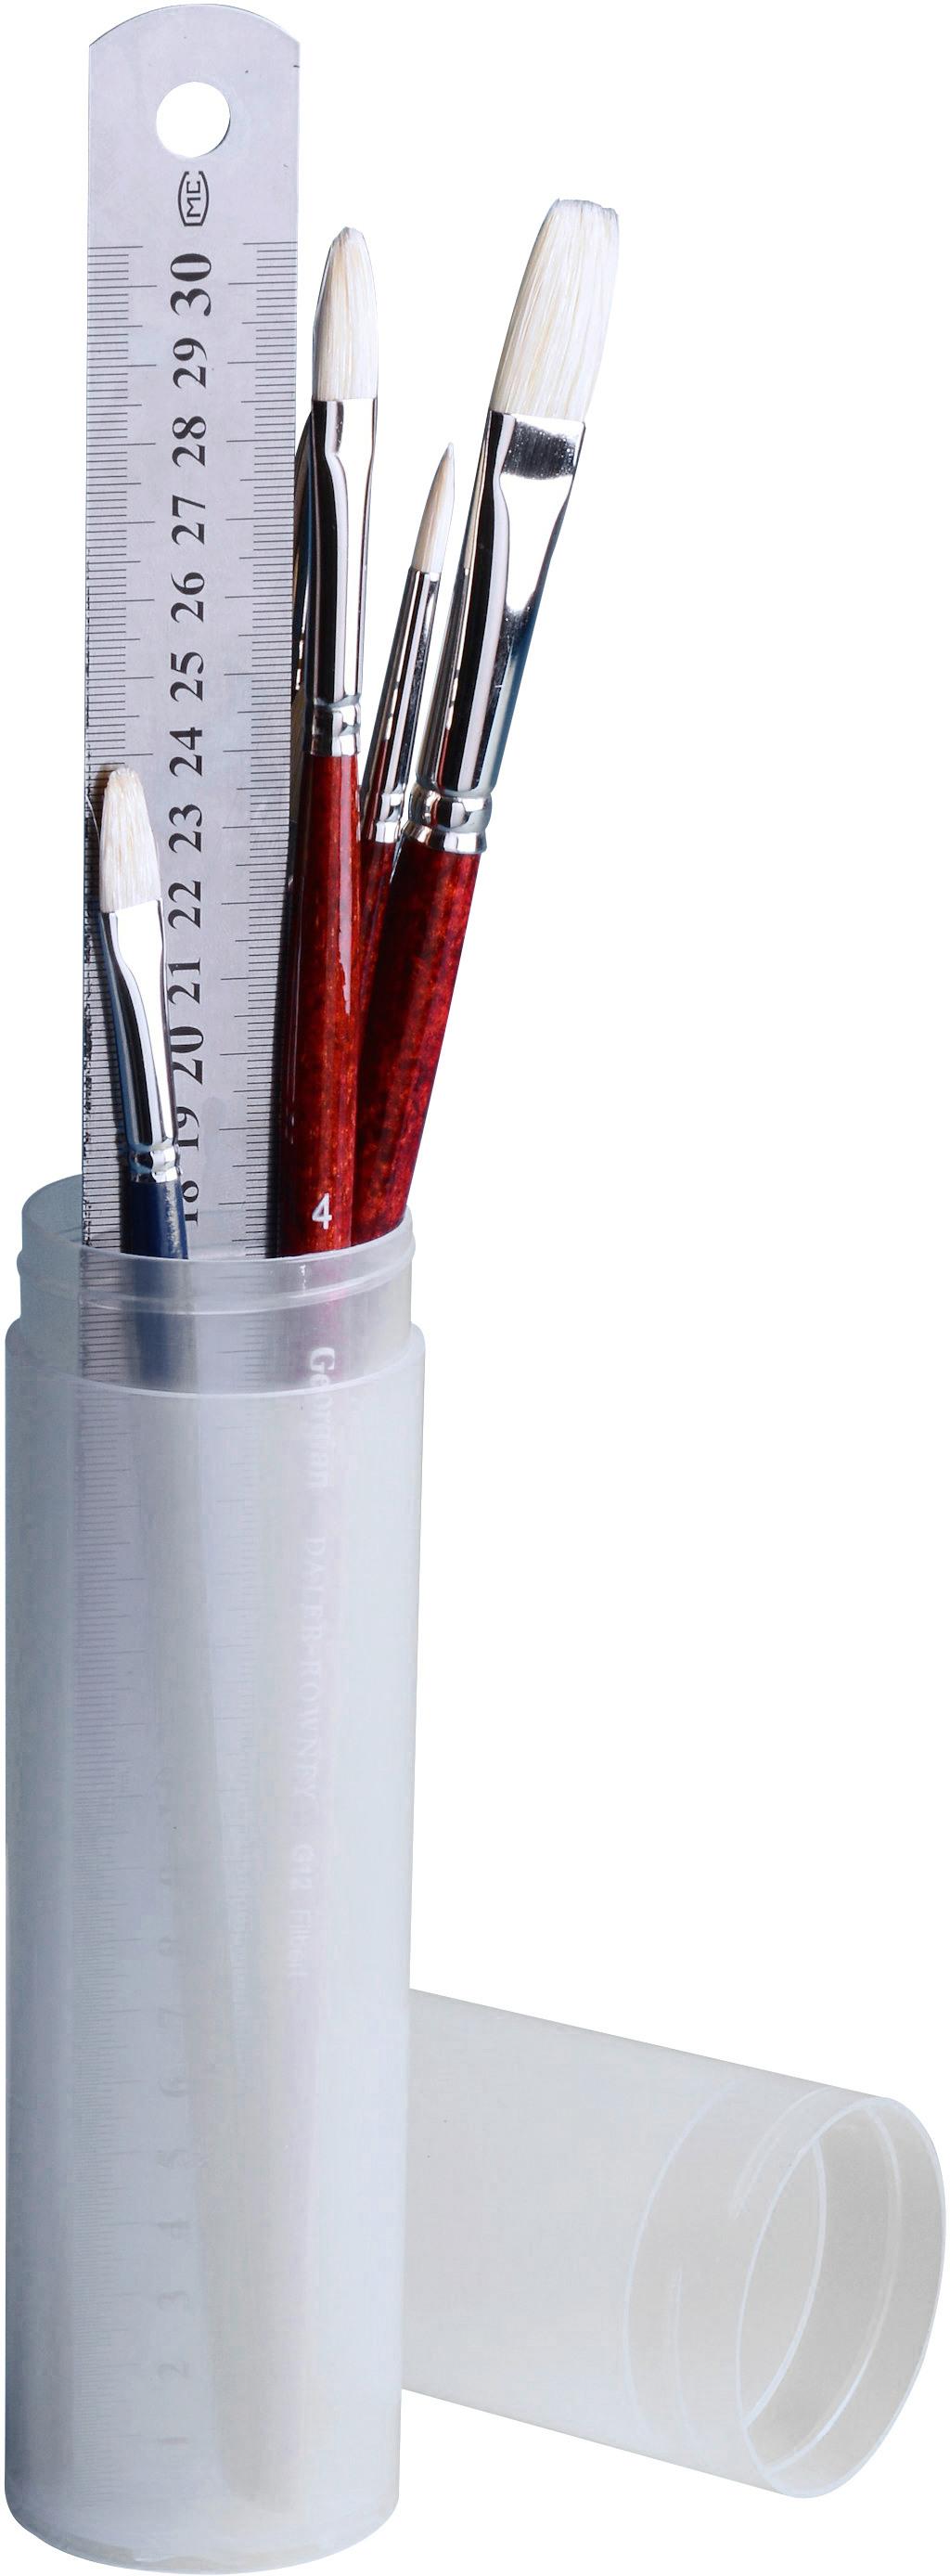 Stifteköcher, Organzier